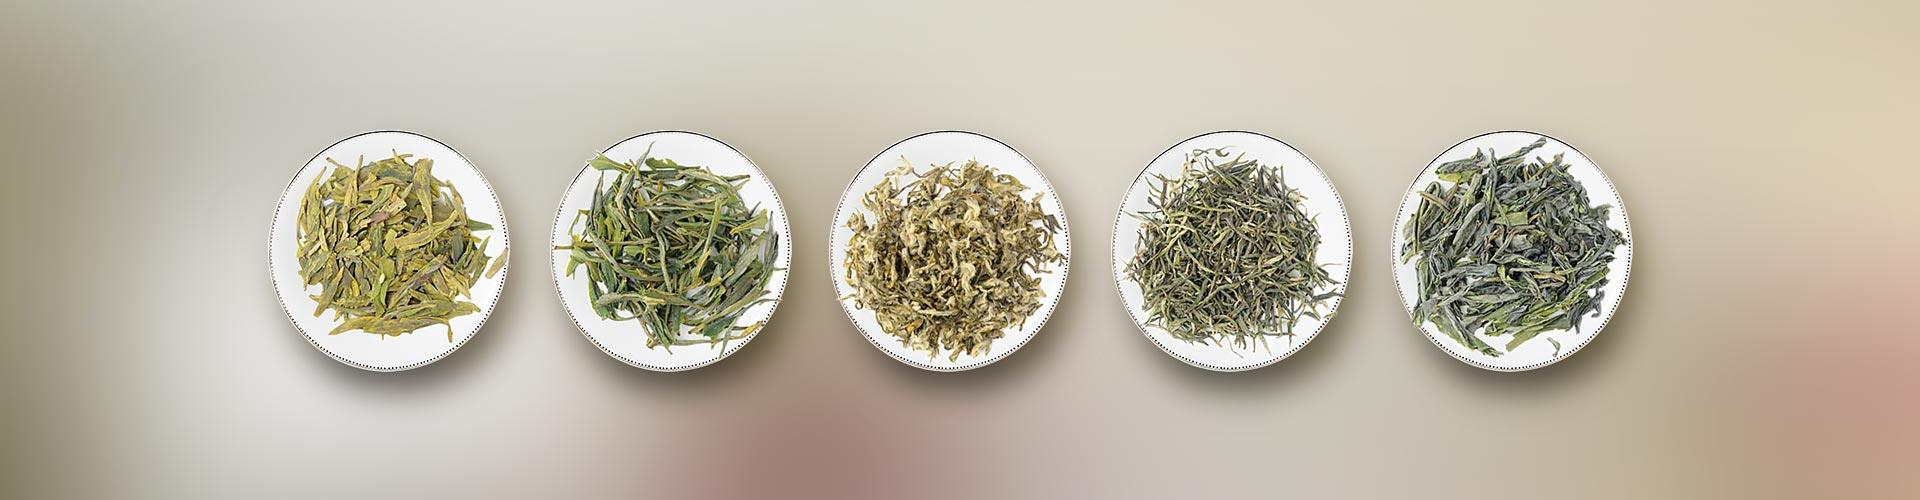 قیمت خرید چای سبز